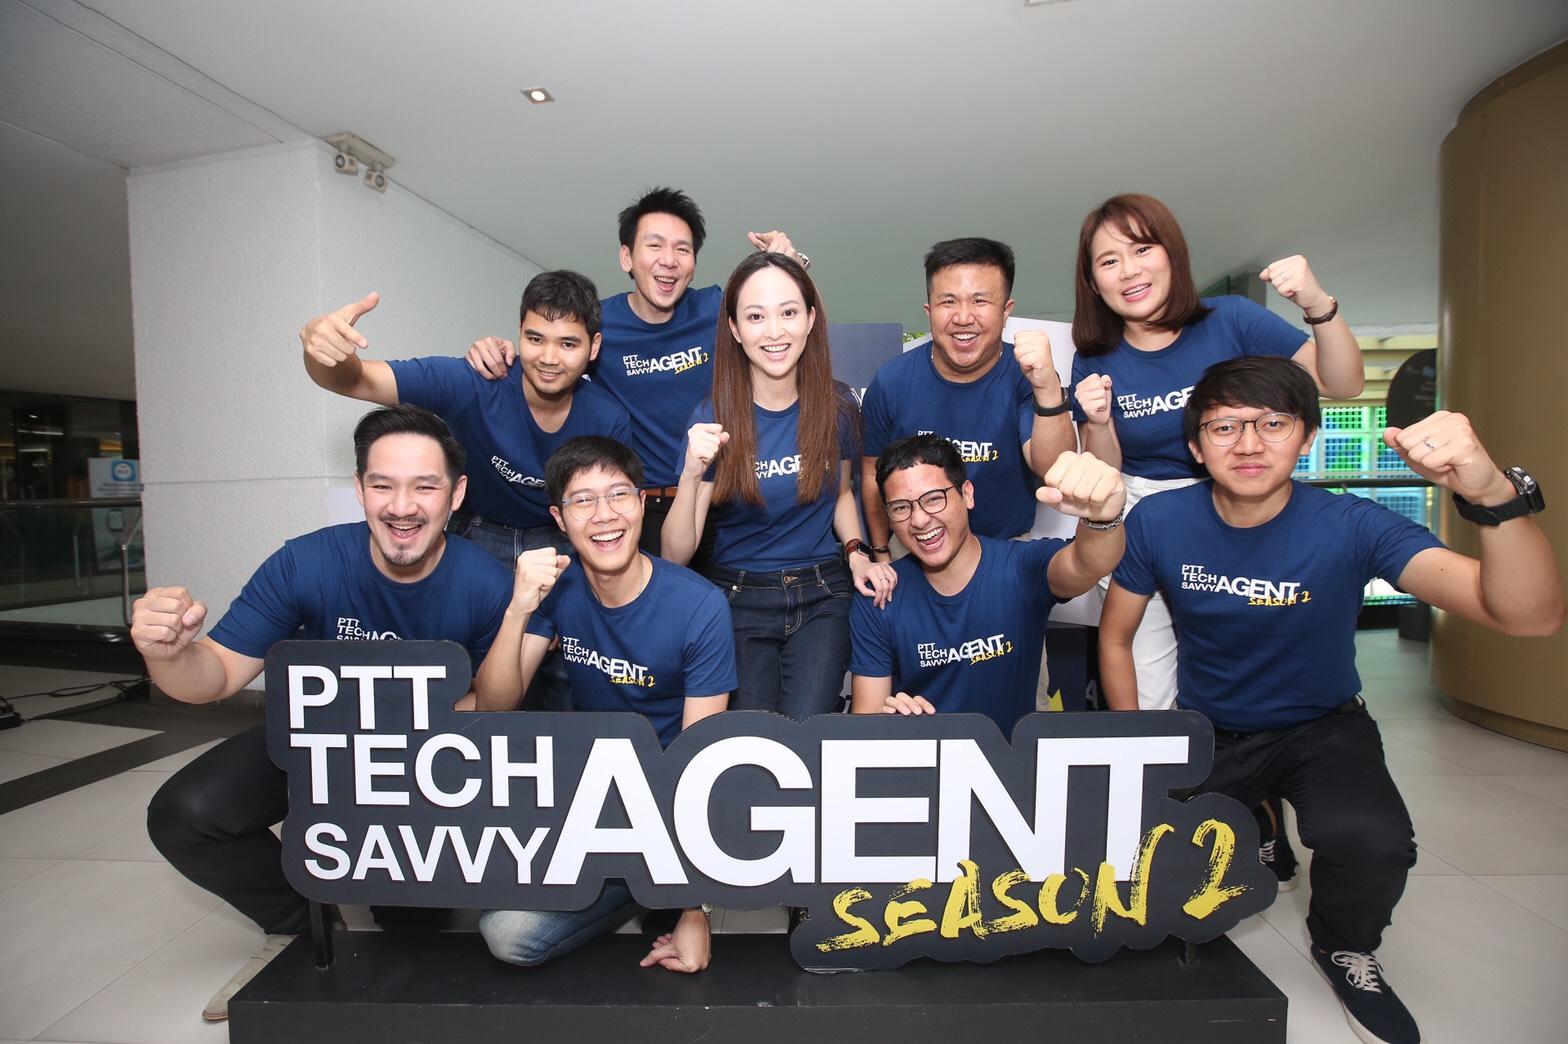 """แชมป์ """"PTT TECH Savvy Agent Season 2""""  เปิดโอกาสต่อยอดธุรกิจในรูปแบบStartup"""